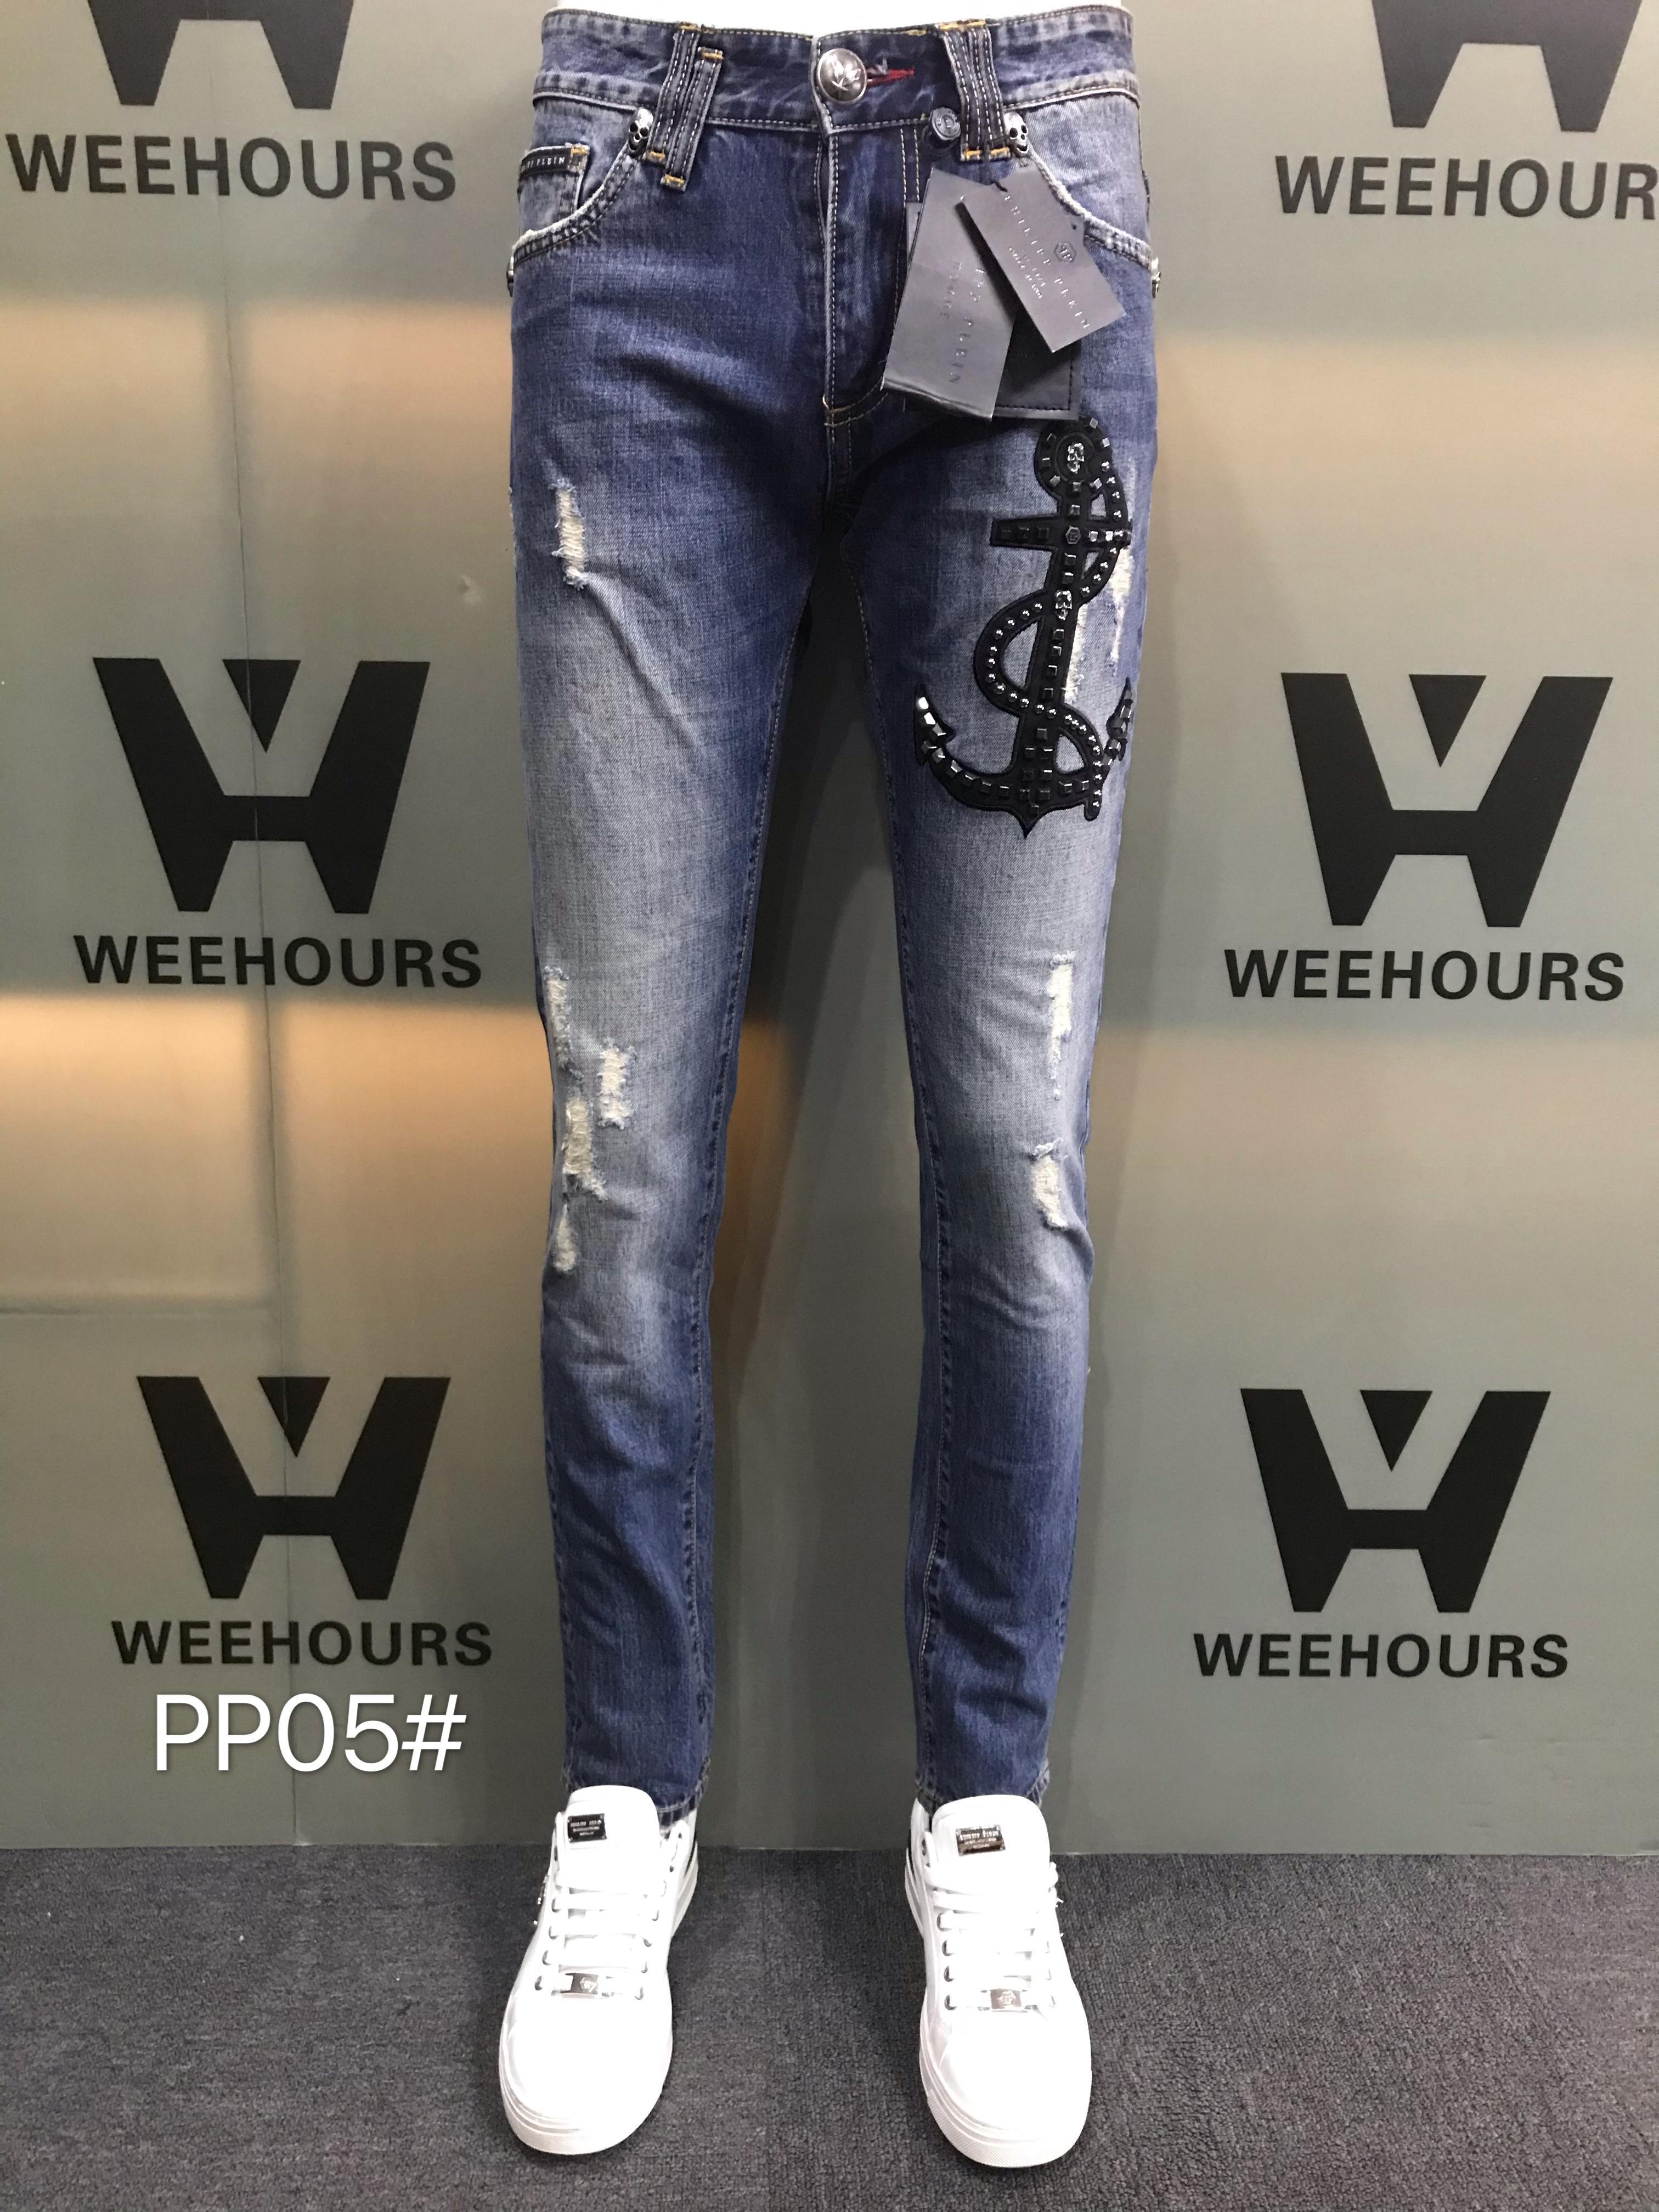 Jeans Hip-hop casuais masculinos e femininos atualmente à venda Calças de luxo do designer PP05-03